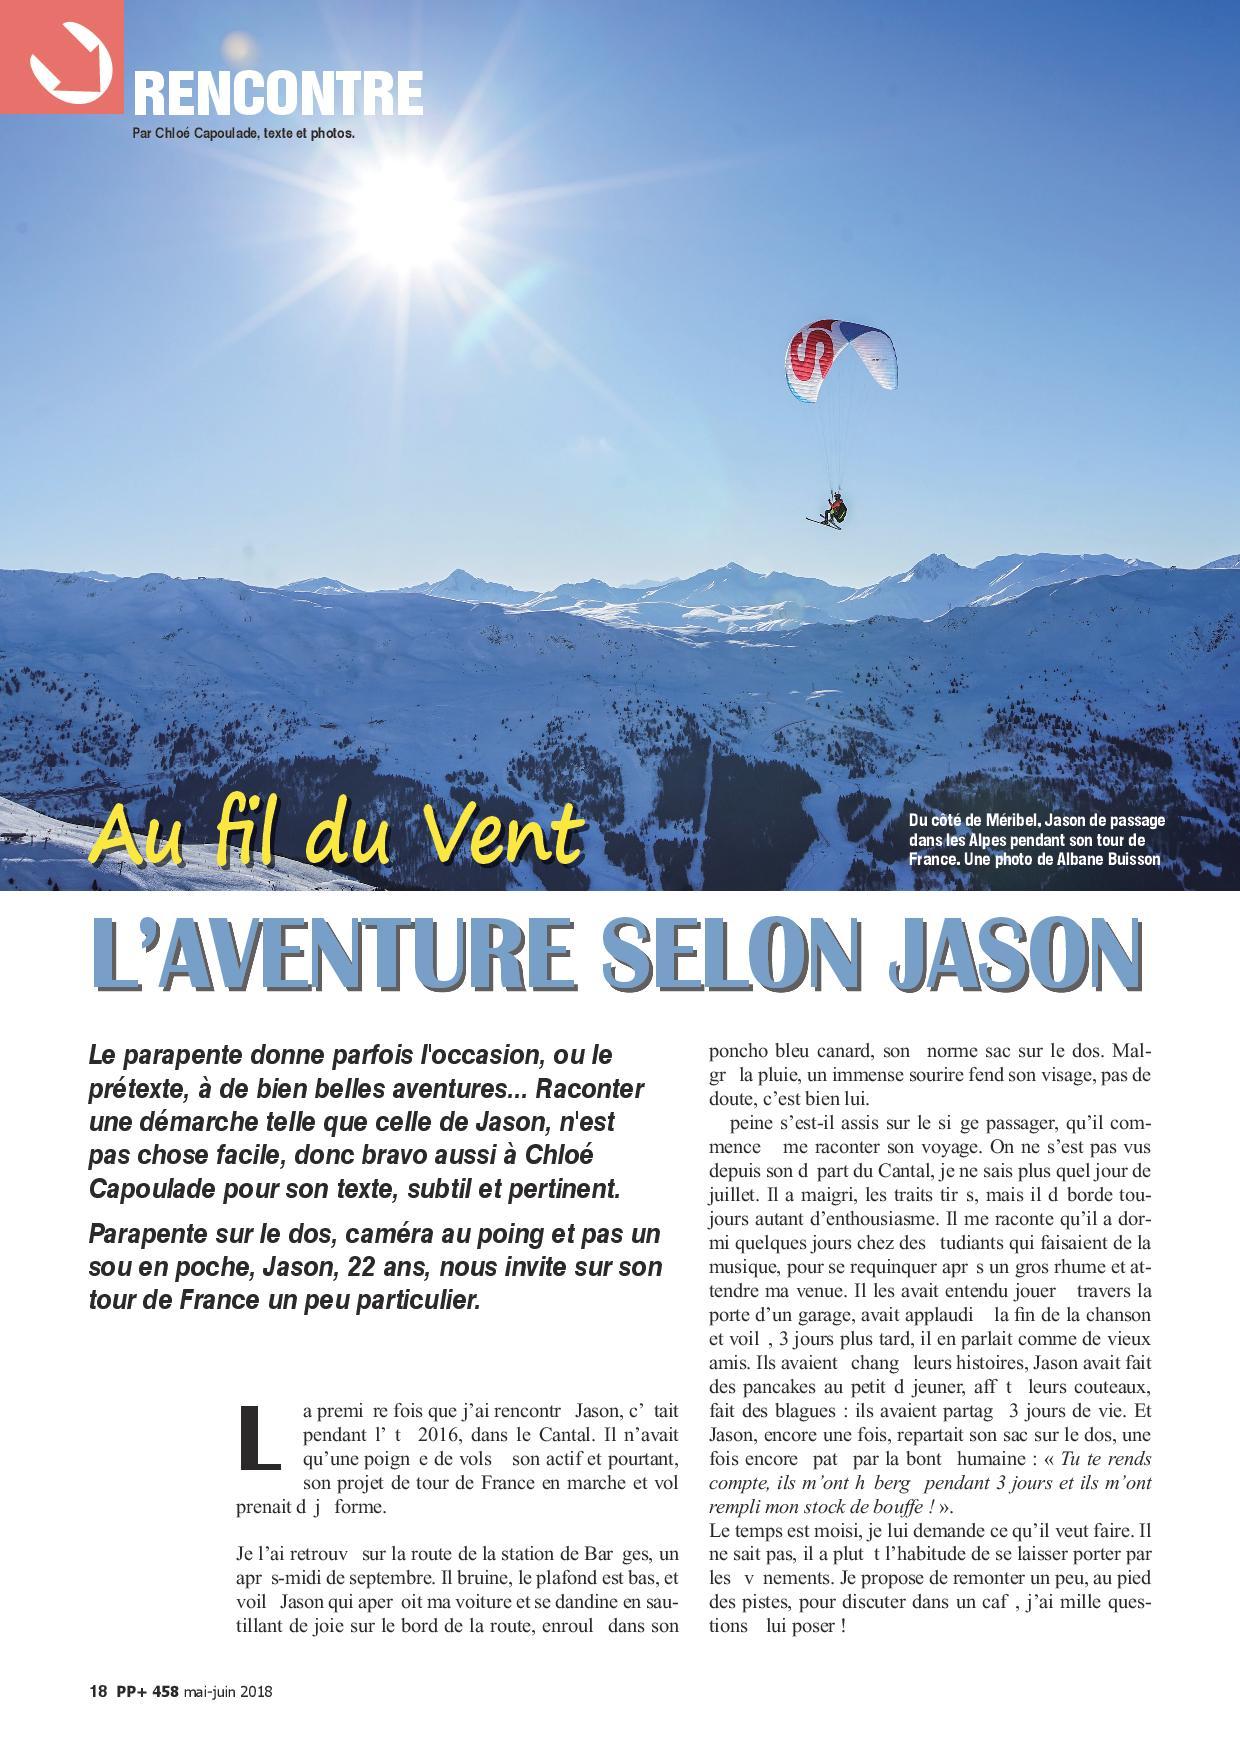 PP+458-au-fil-du-vent-jason-double-page-002